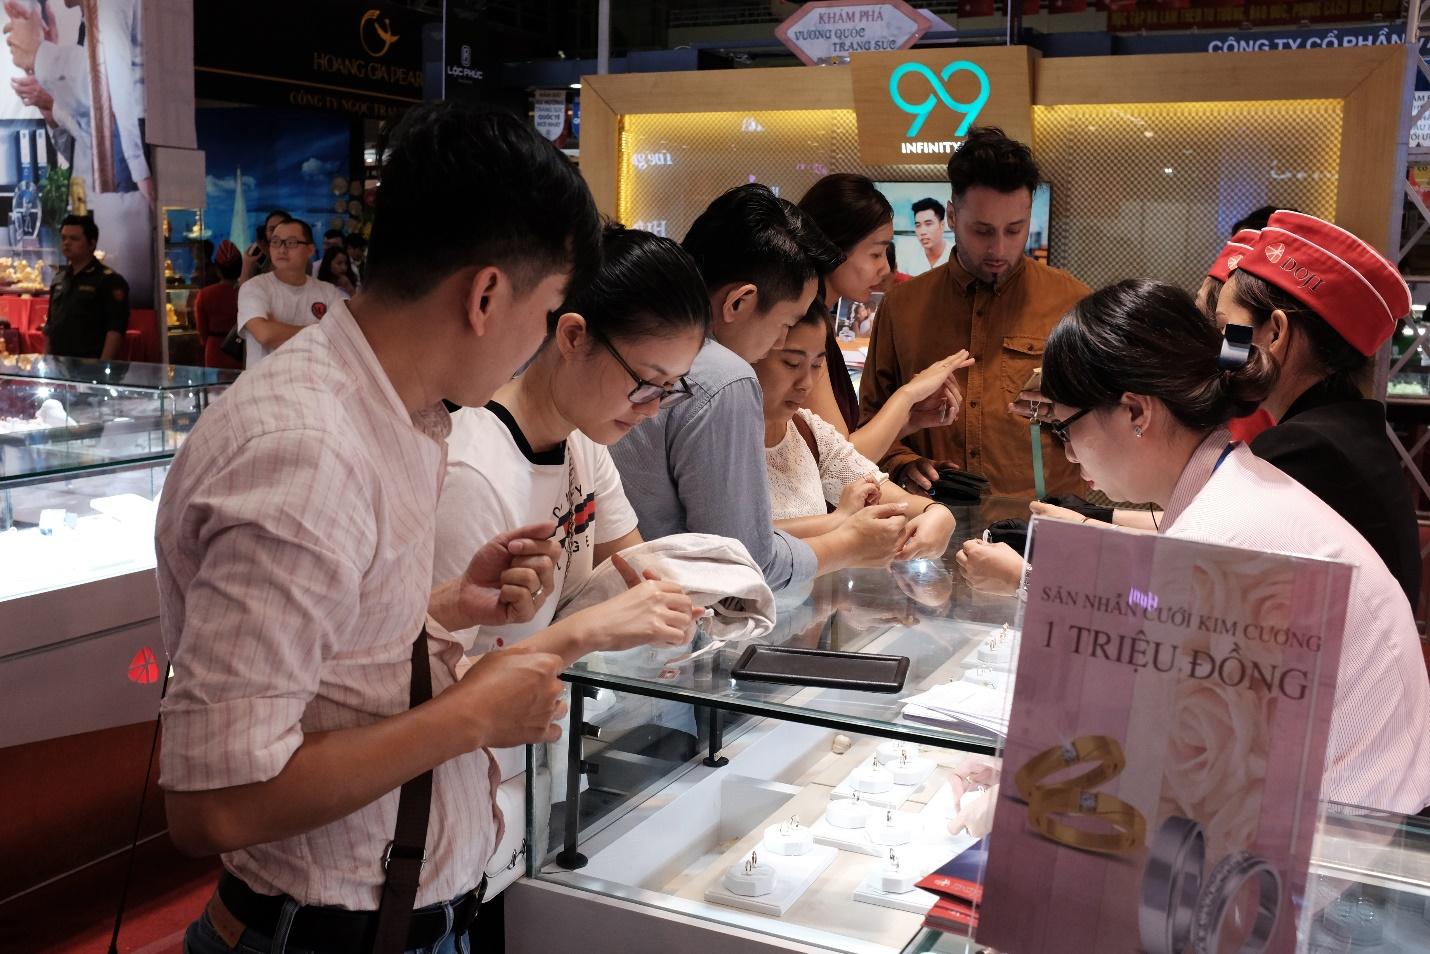 Cực nóng tại Thành phố HCM: Nhẫn cưới kim cương 1 triệu đồng - Ảnh 3.